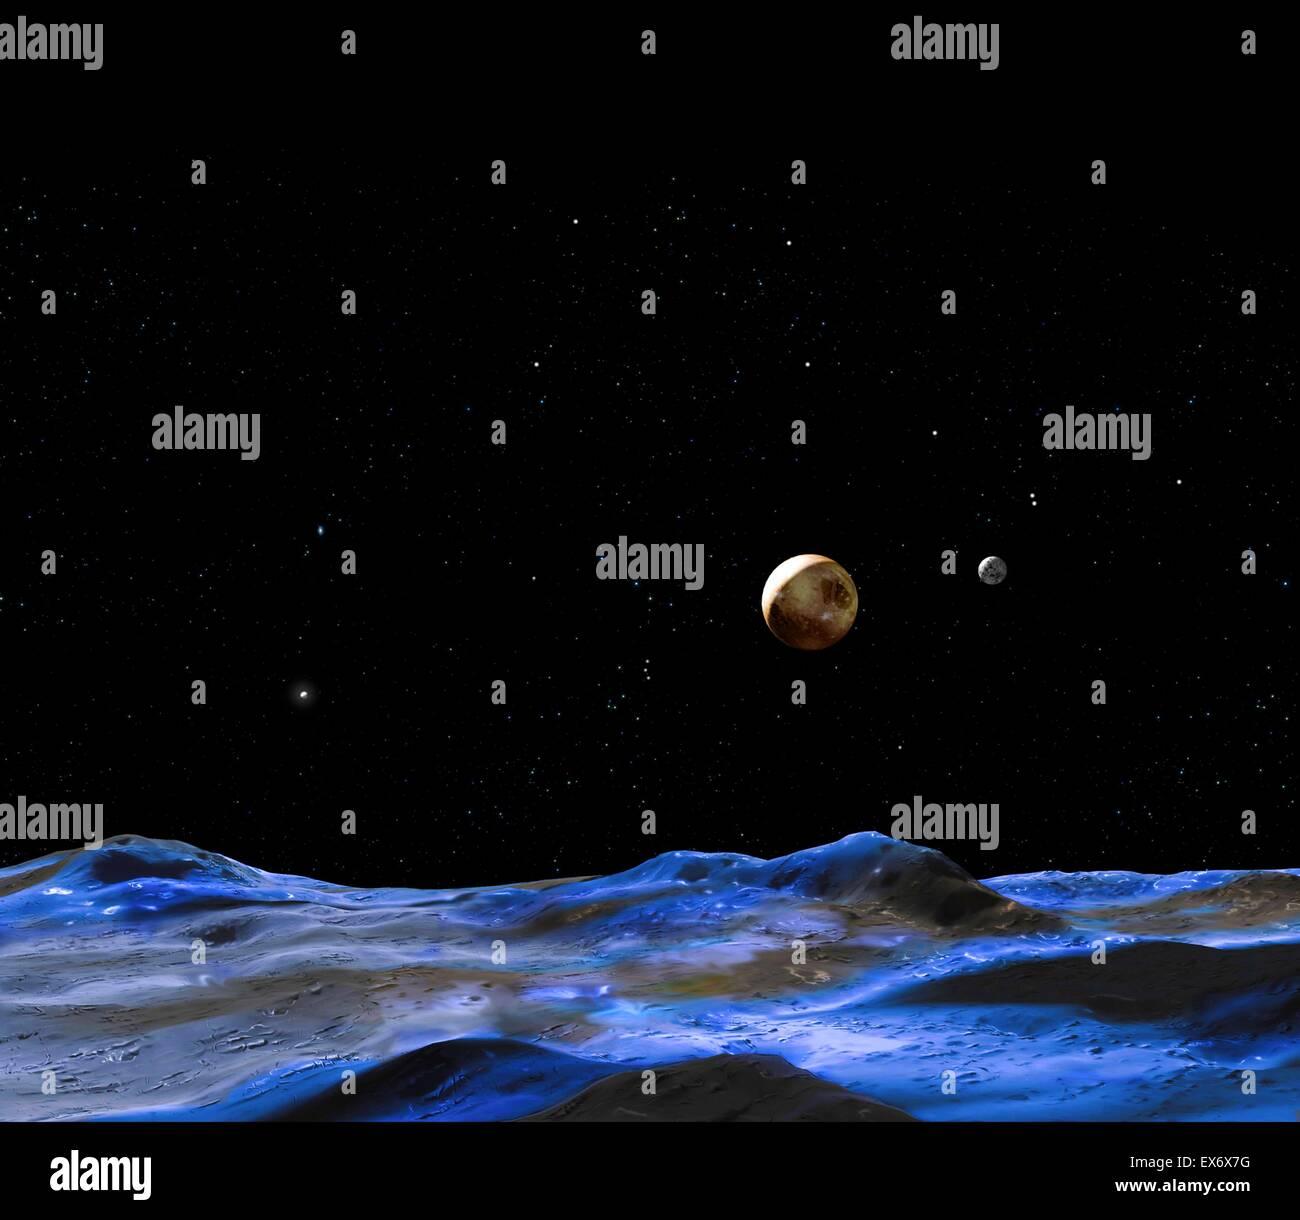 2015-Künstler-Konzept zeigt Pluto und einen Teil seiner Monde. Stockbild